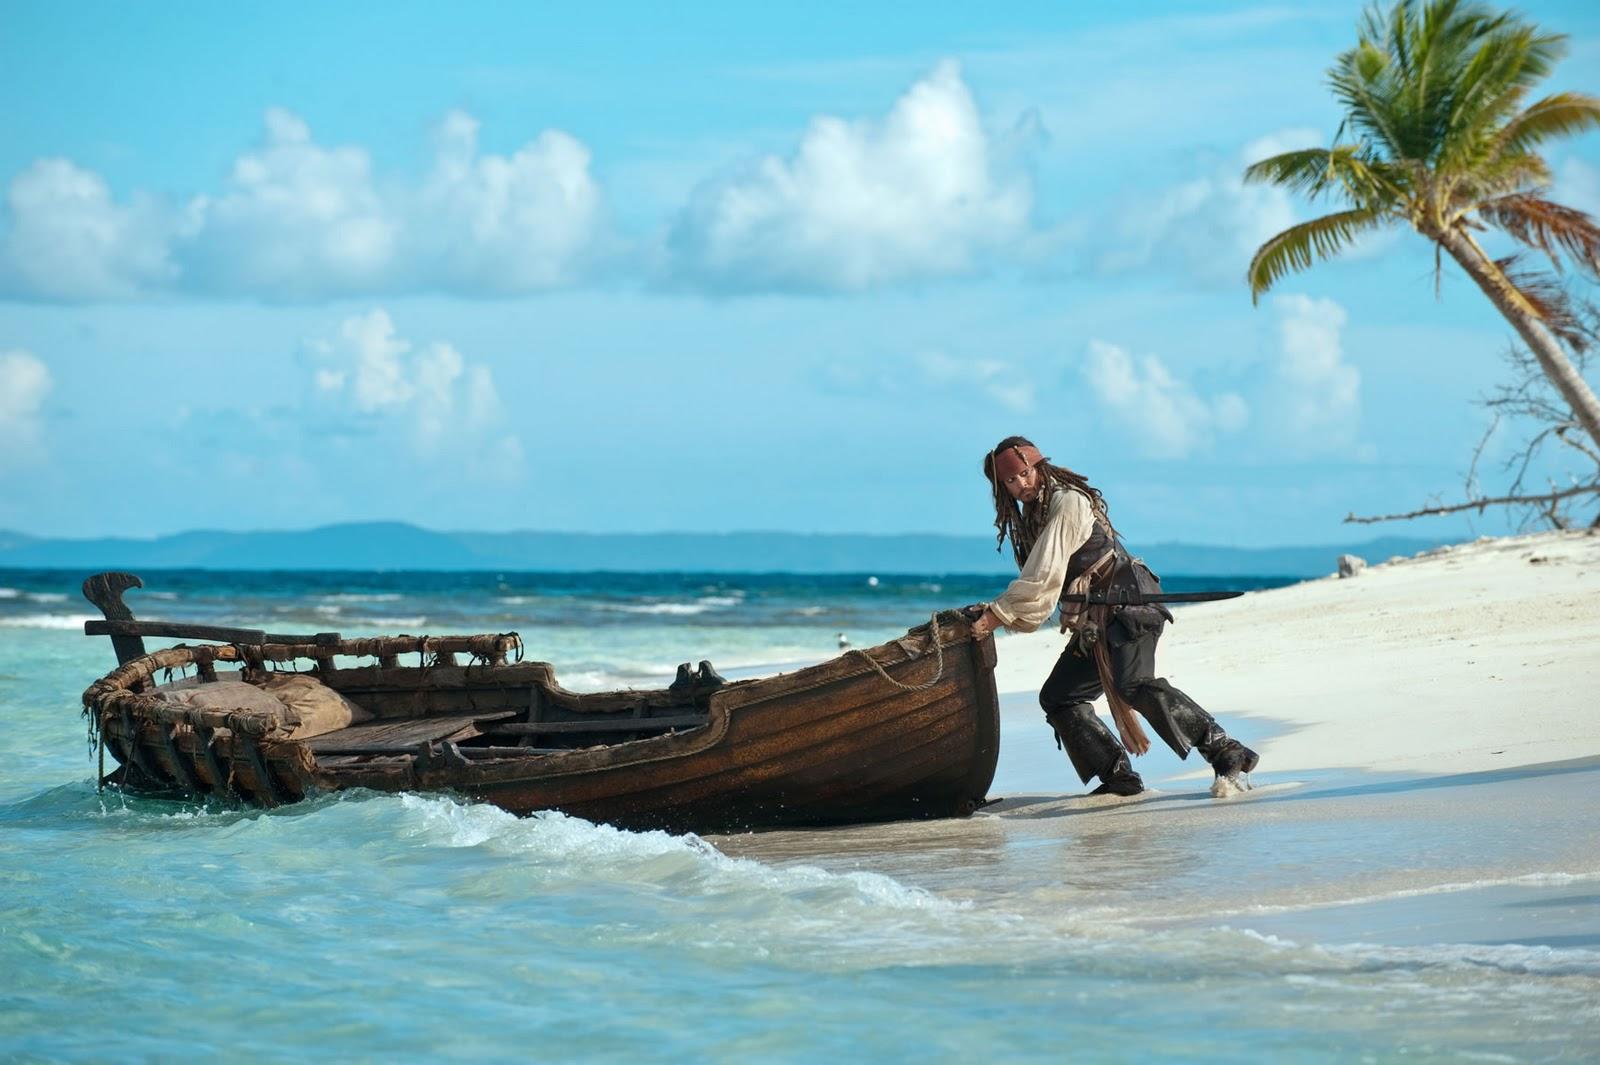 http://3.bp.blogspot.com/-17-ocoy47GY/TVVAIfhlOrI/AAAAAAAAAP8/DqgWn5LqJjg/s1600/walpaper+piratas+del+caribe.jpg